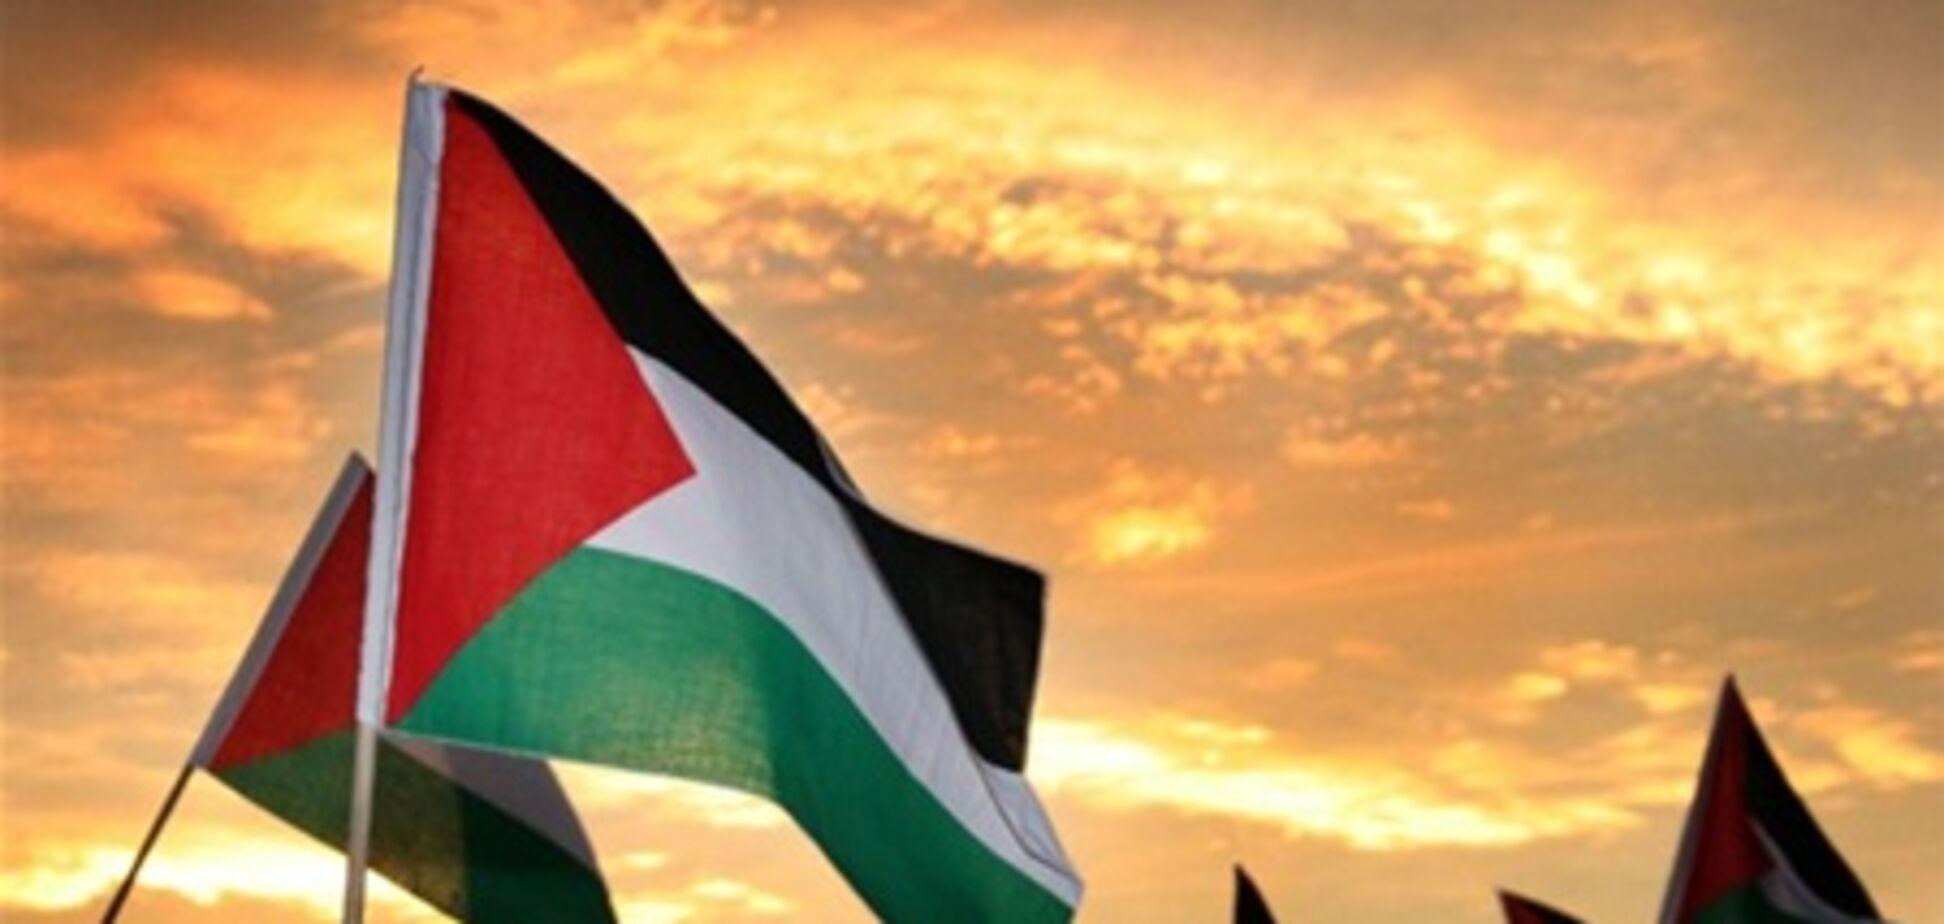 Израиль предупредил ООН о последствиях признания Палестины